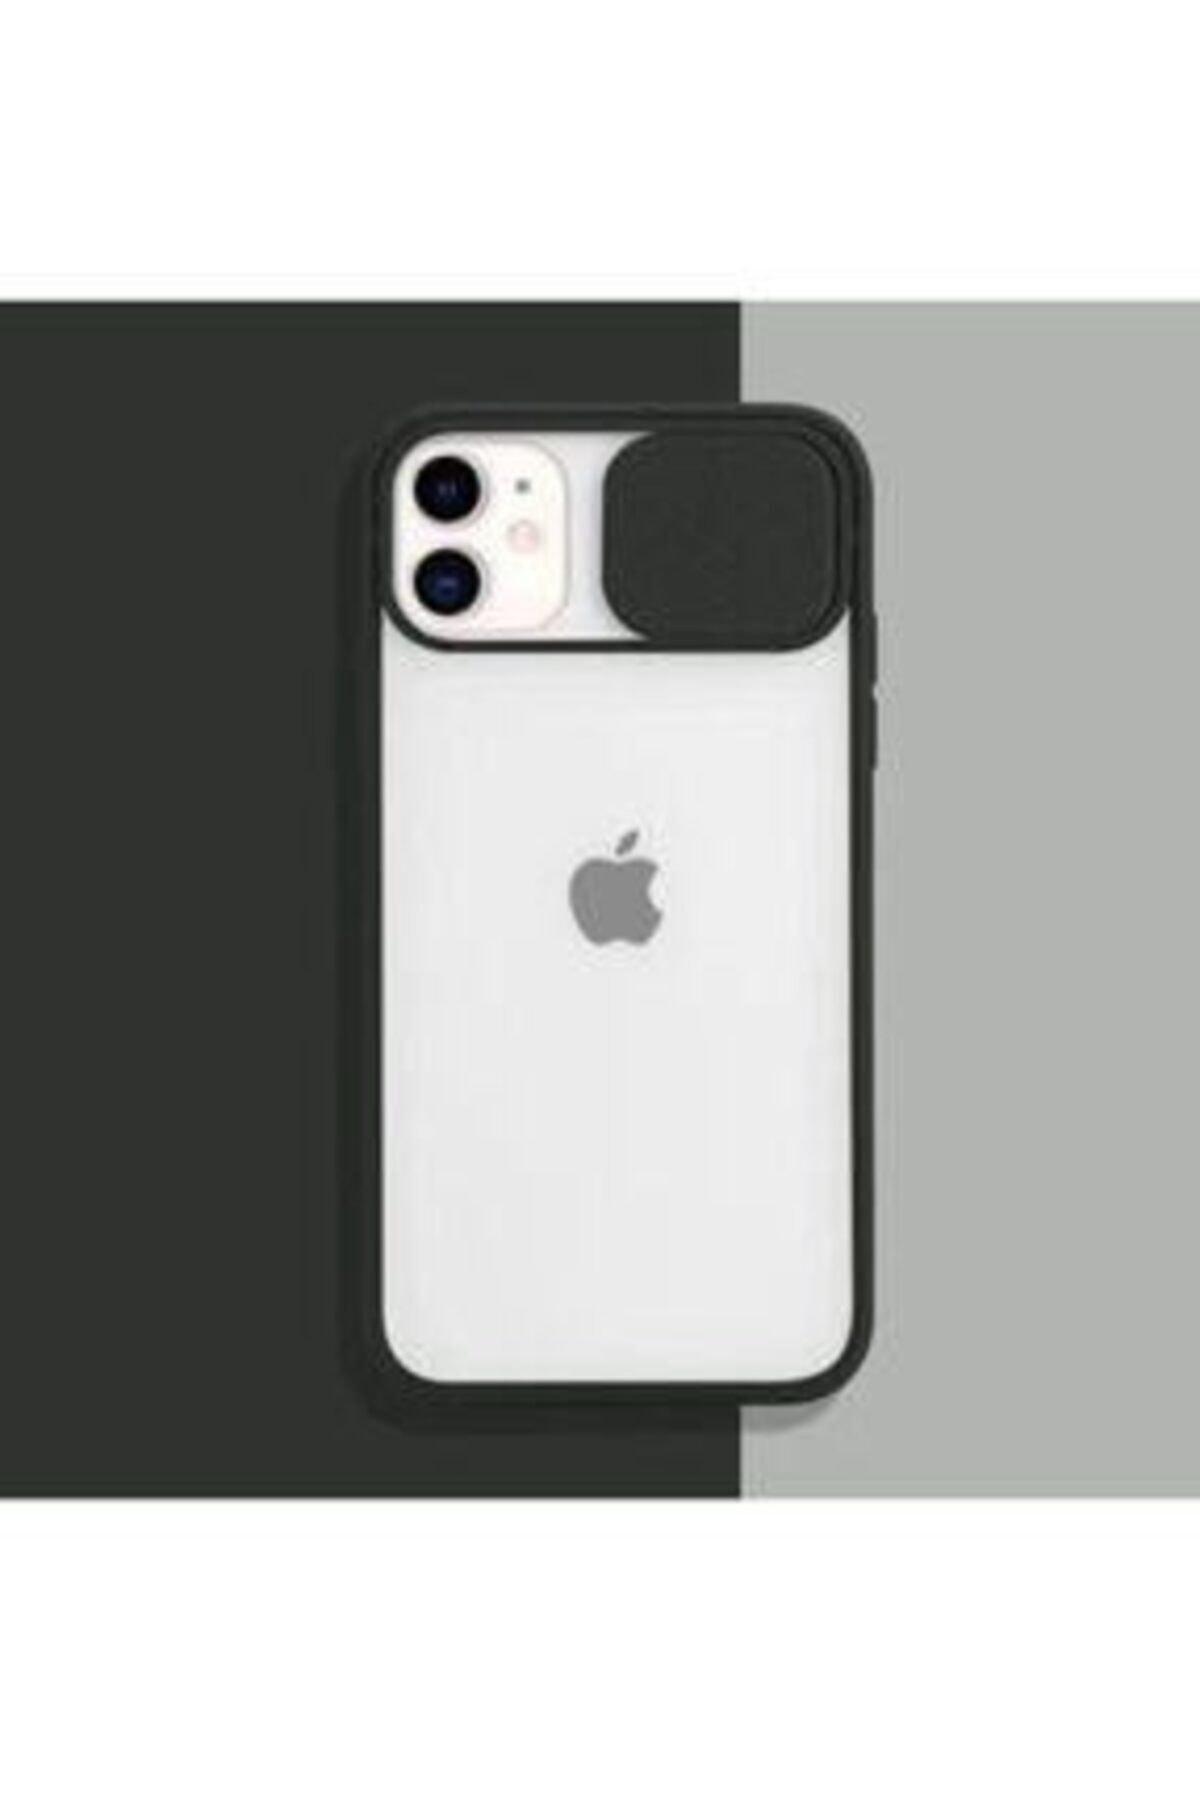 ULS Iphone 12 Uyumlu Kamera Lens Korumalı Sürgülü Kılıf 1